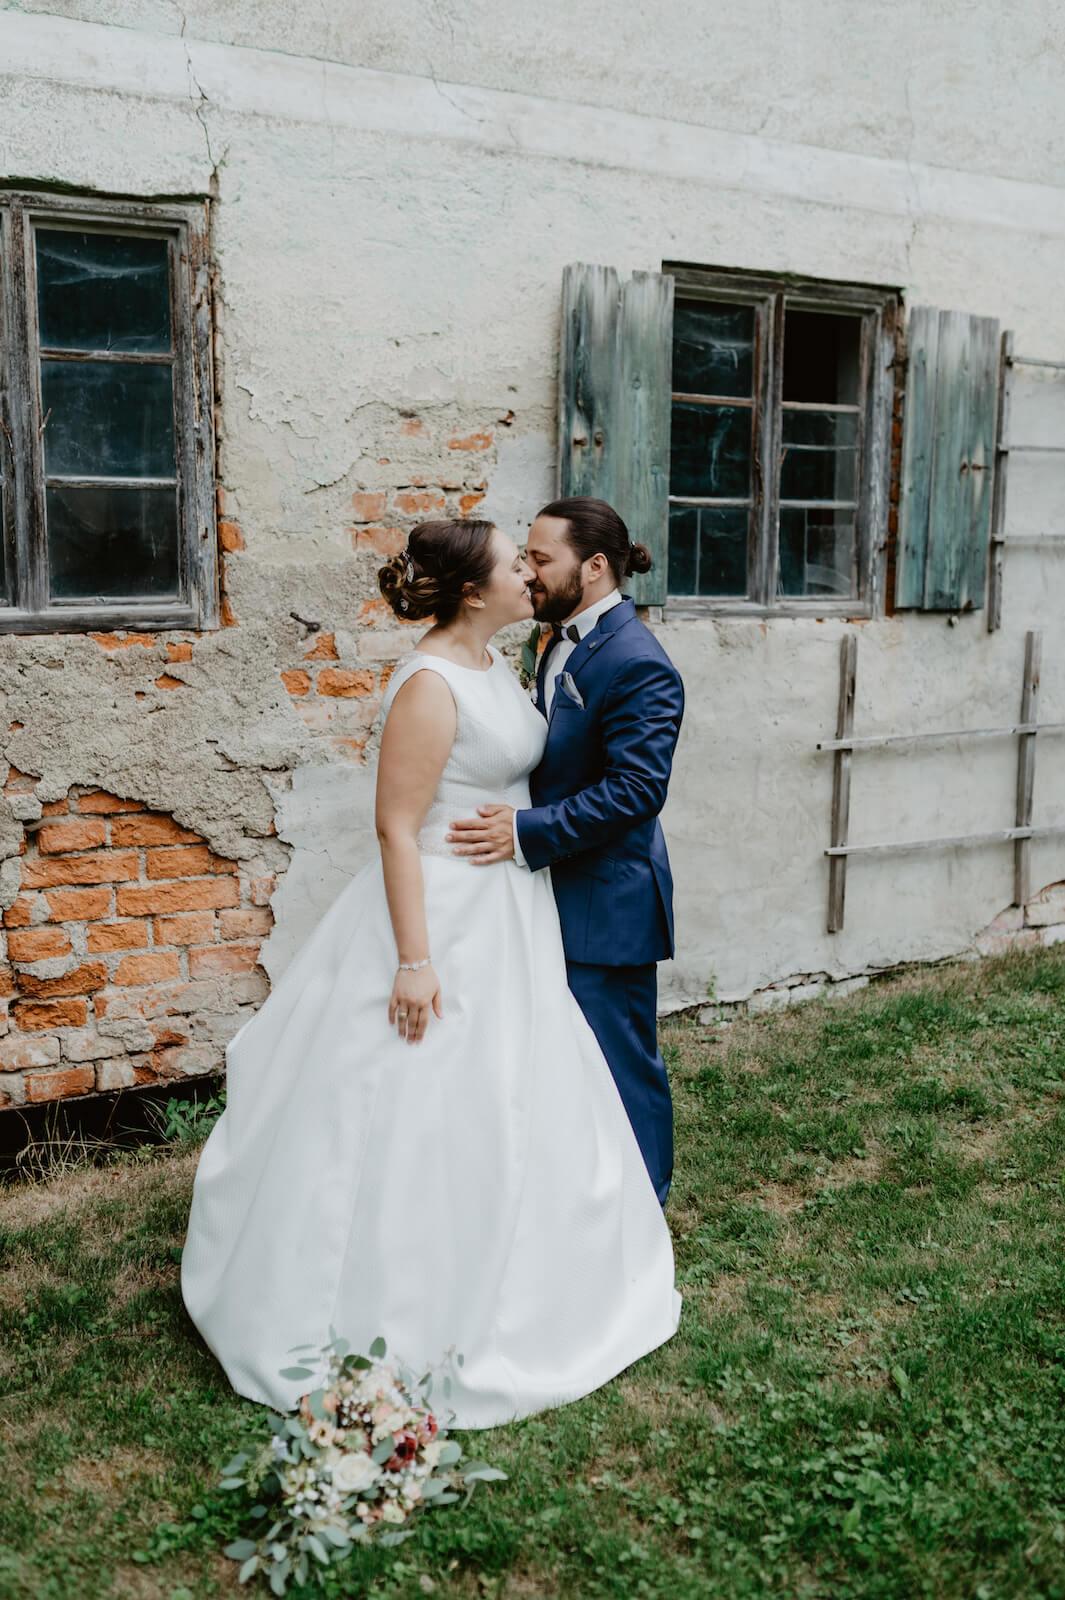 Gartenhochzeit Buchloe - Braut und Bräutigam küssen sich